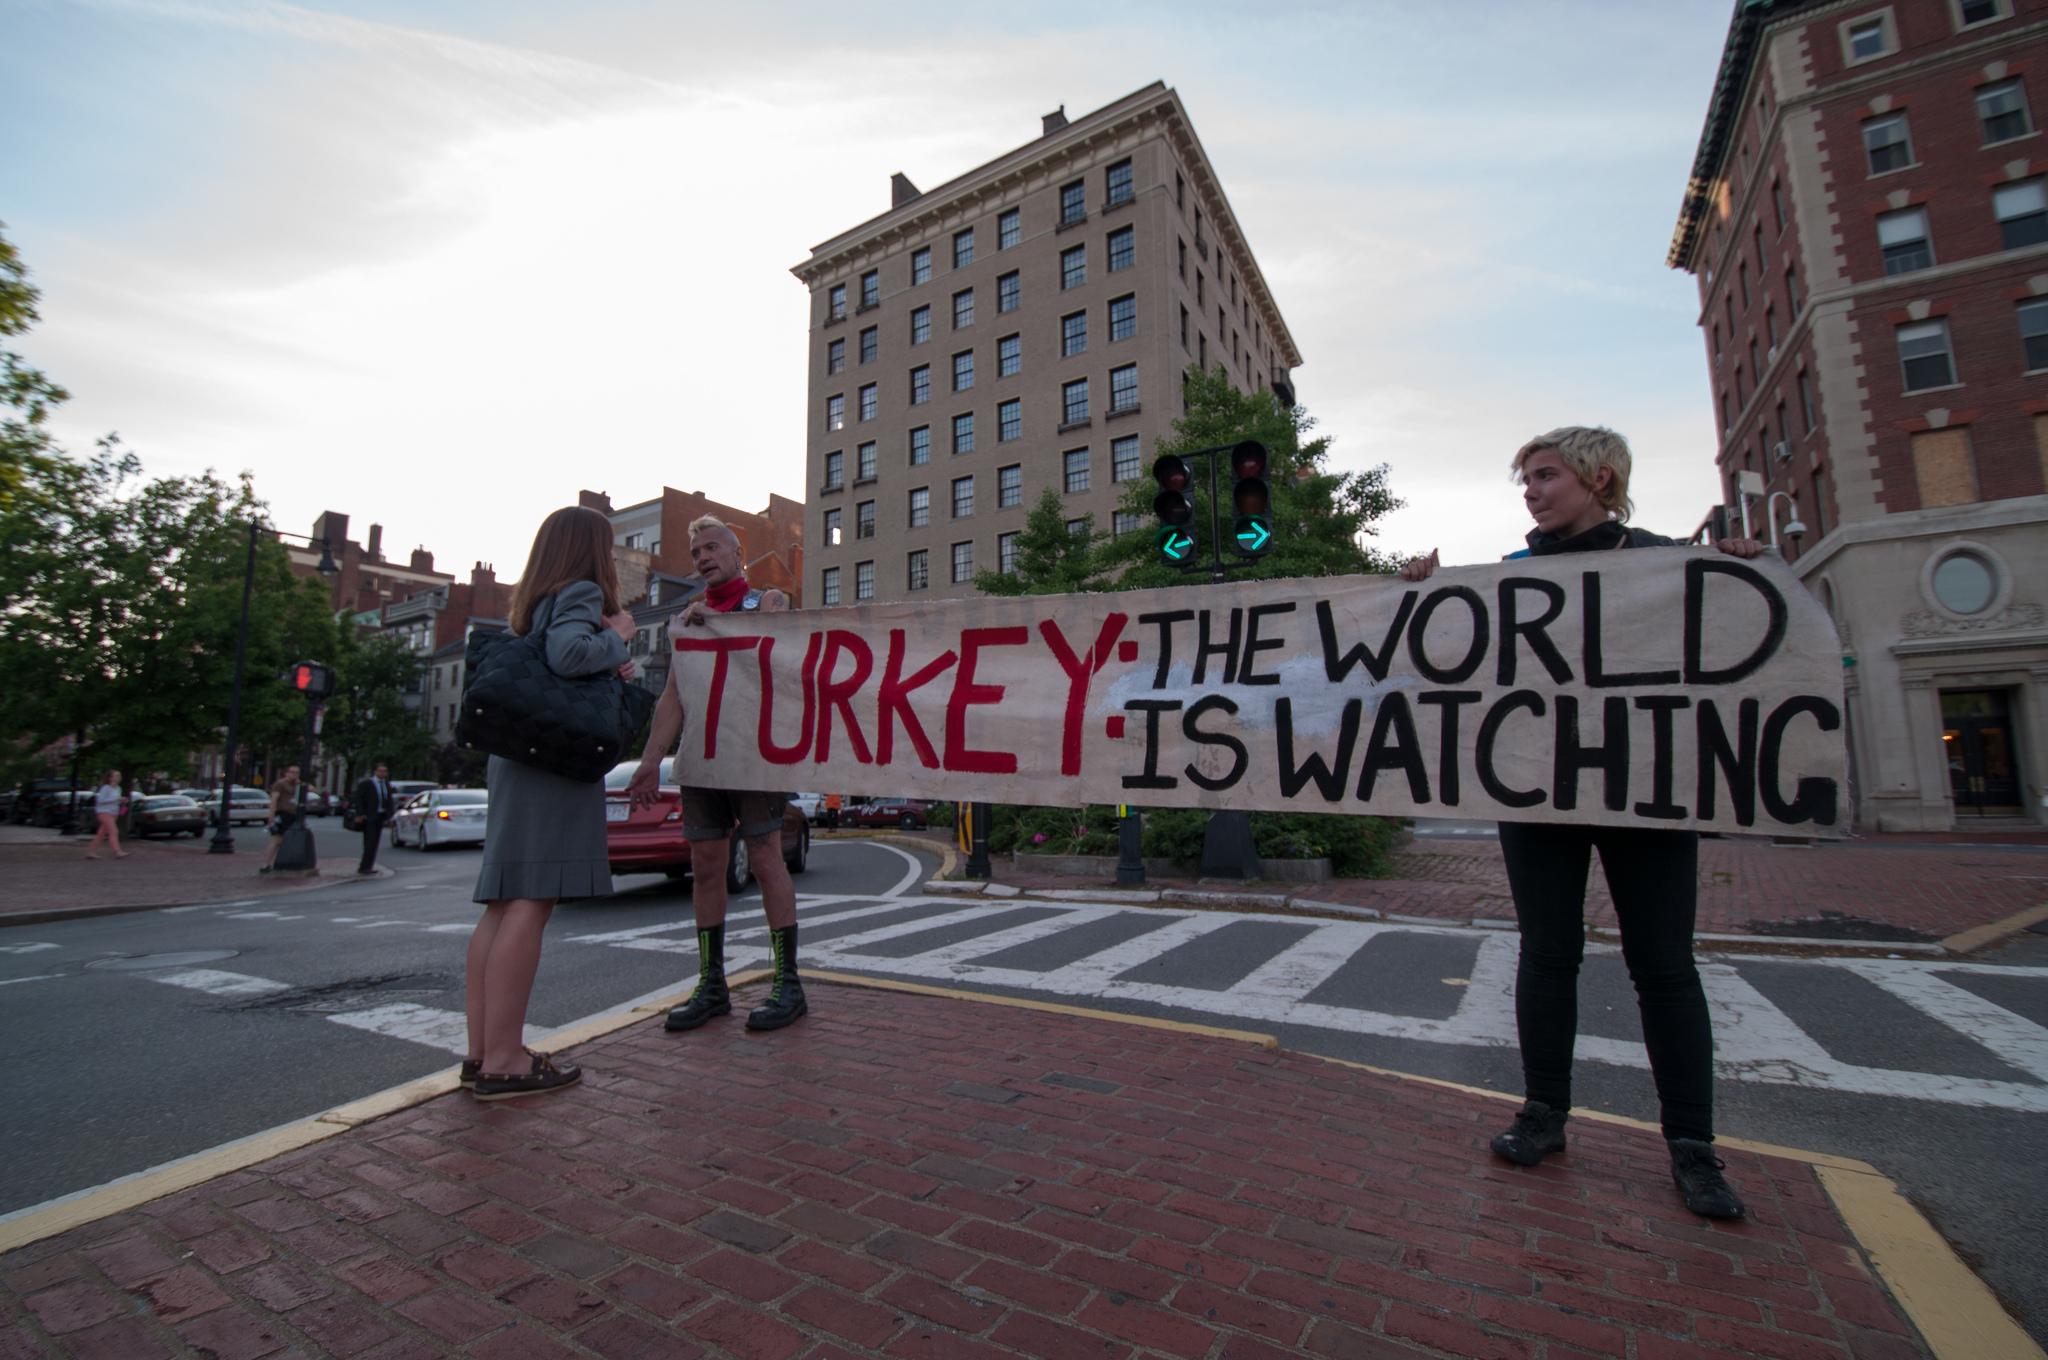 Difendere i diritti umani non è un crimine: lettera delle Ong alla Turchia